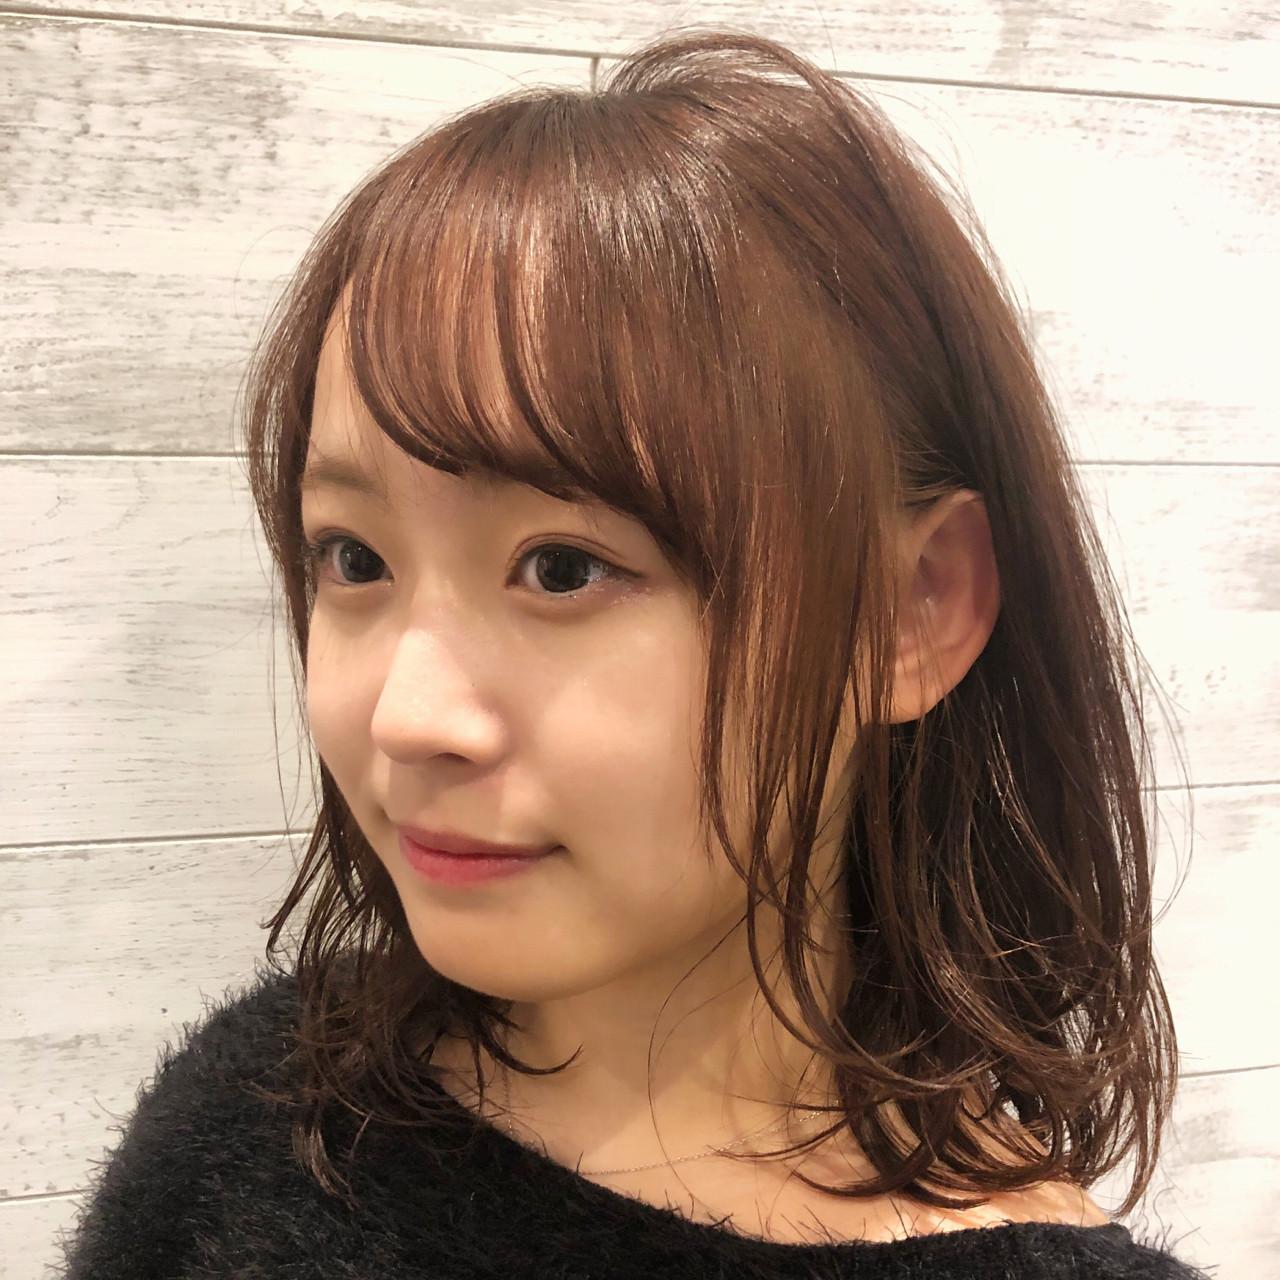 ウェーブ ナチュラル ゆるふわ 前髪あり ヘアスタイルや髪型の写真・画像 | [新宿]内田航 柔らかストレートとミディアムボブ / joemi by unami